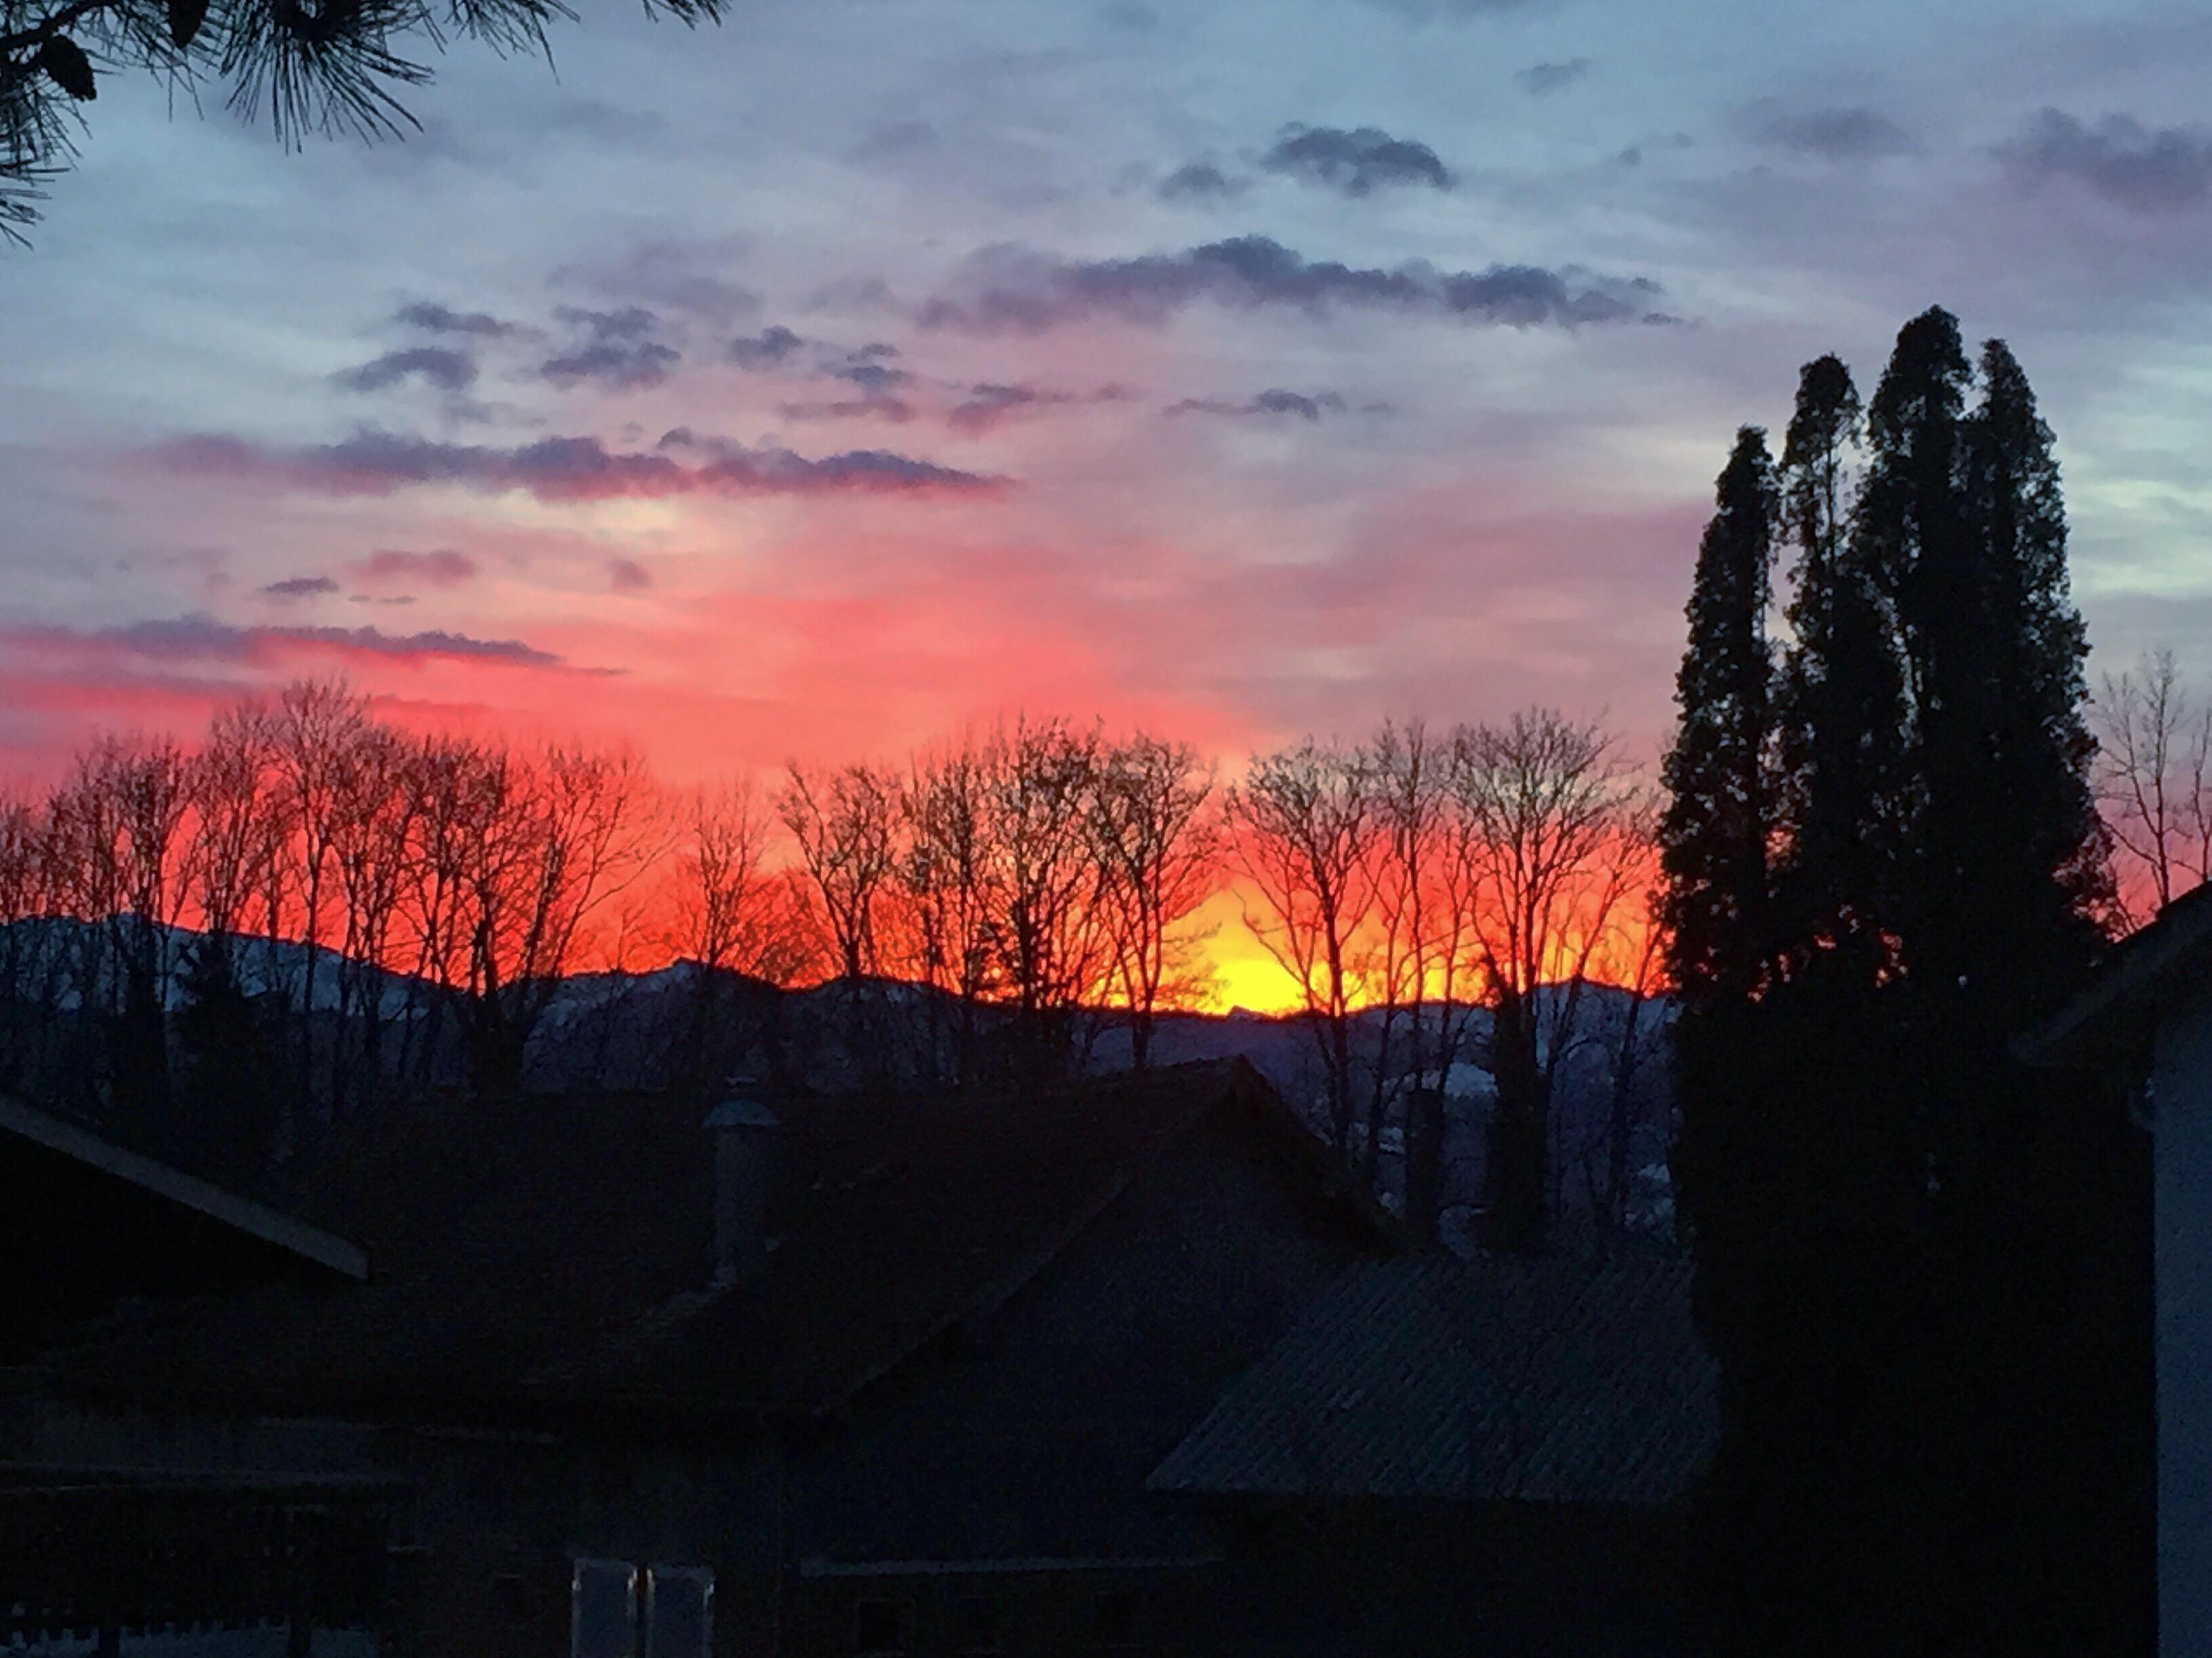 Donderdagochtend ving ik een mooie zonsopkomst